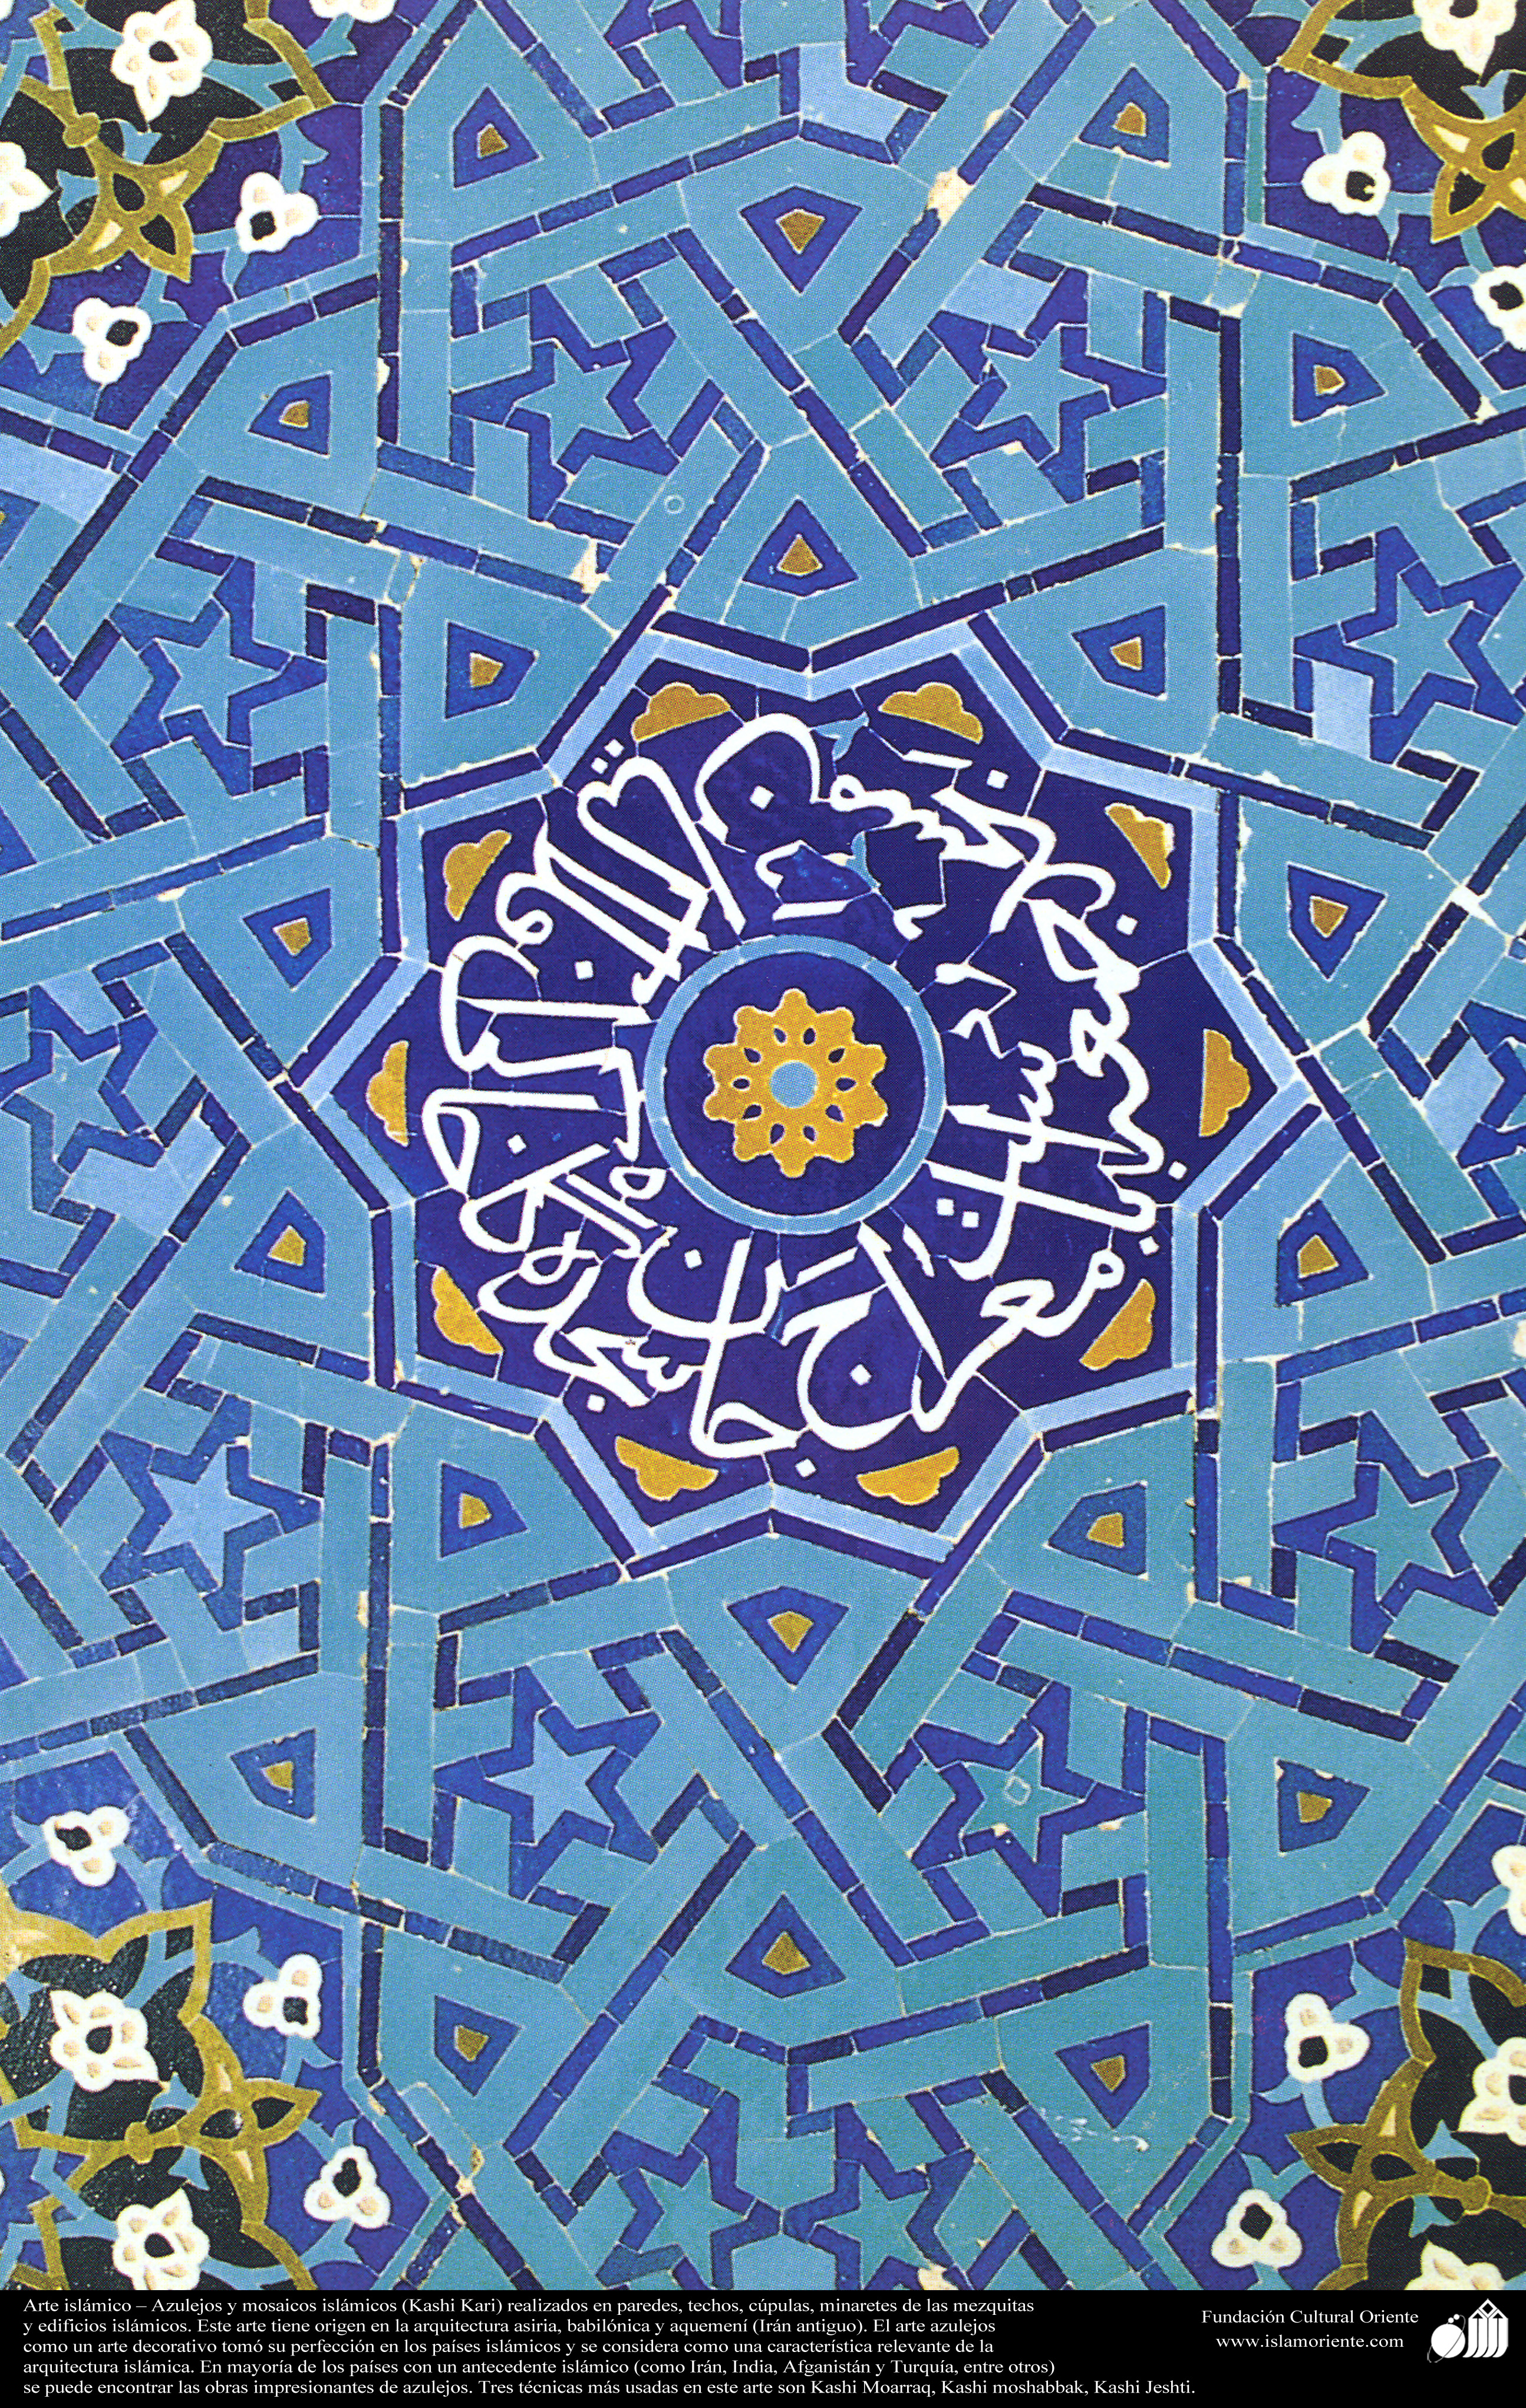 Arte islámico - Azulejos y mosaicos islámicos (Kashi Kari